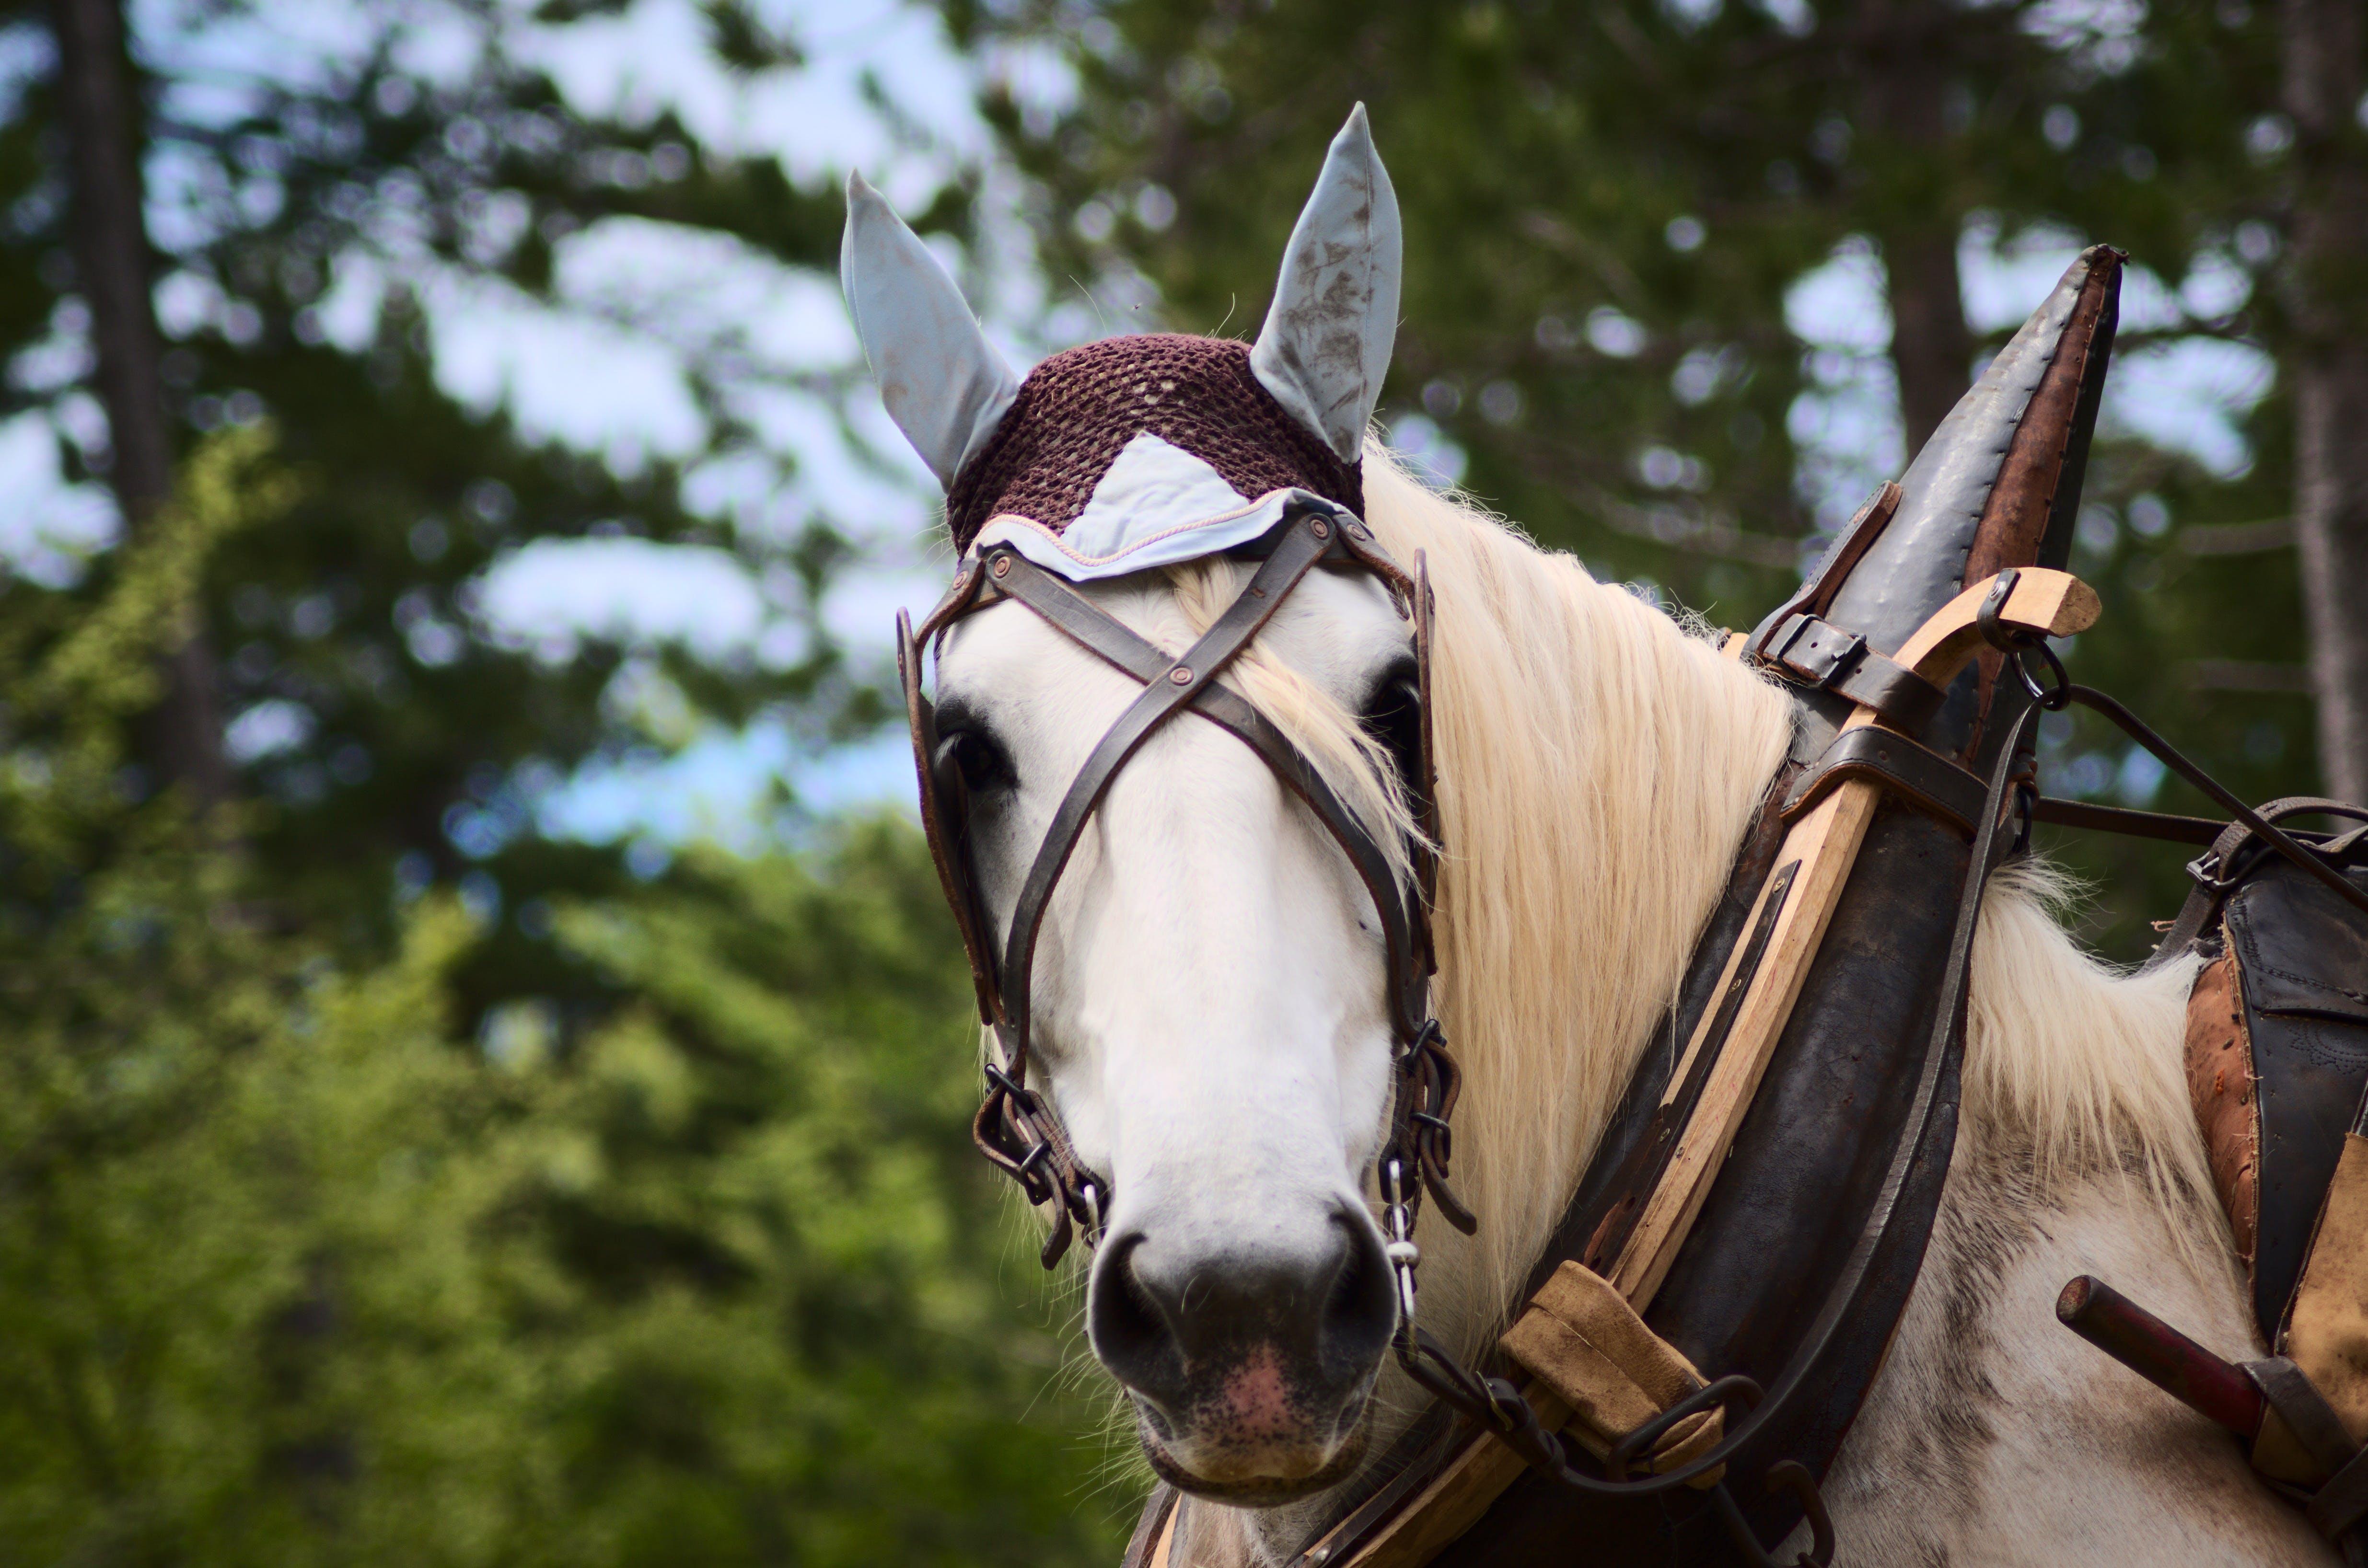 Ilmainen kuvapankkikuva tunnisteilla cheval, eläin, eläinkuvaus, hevonen